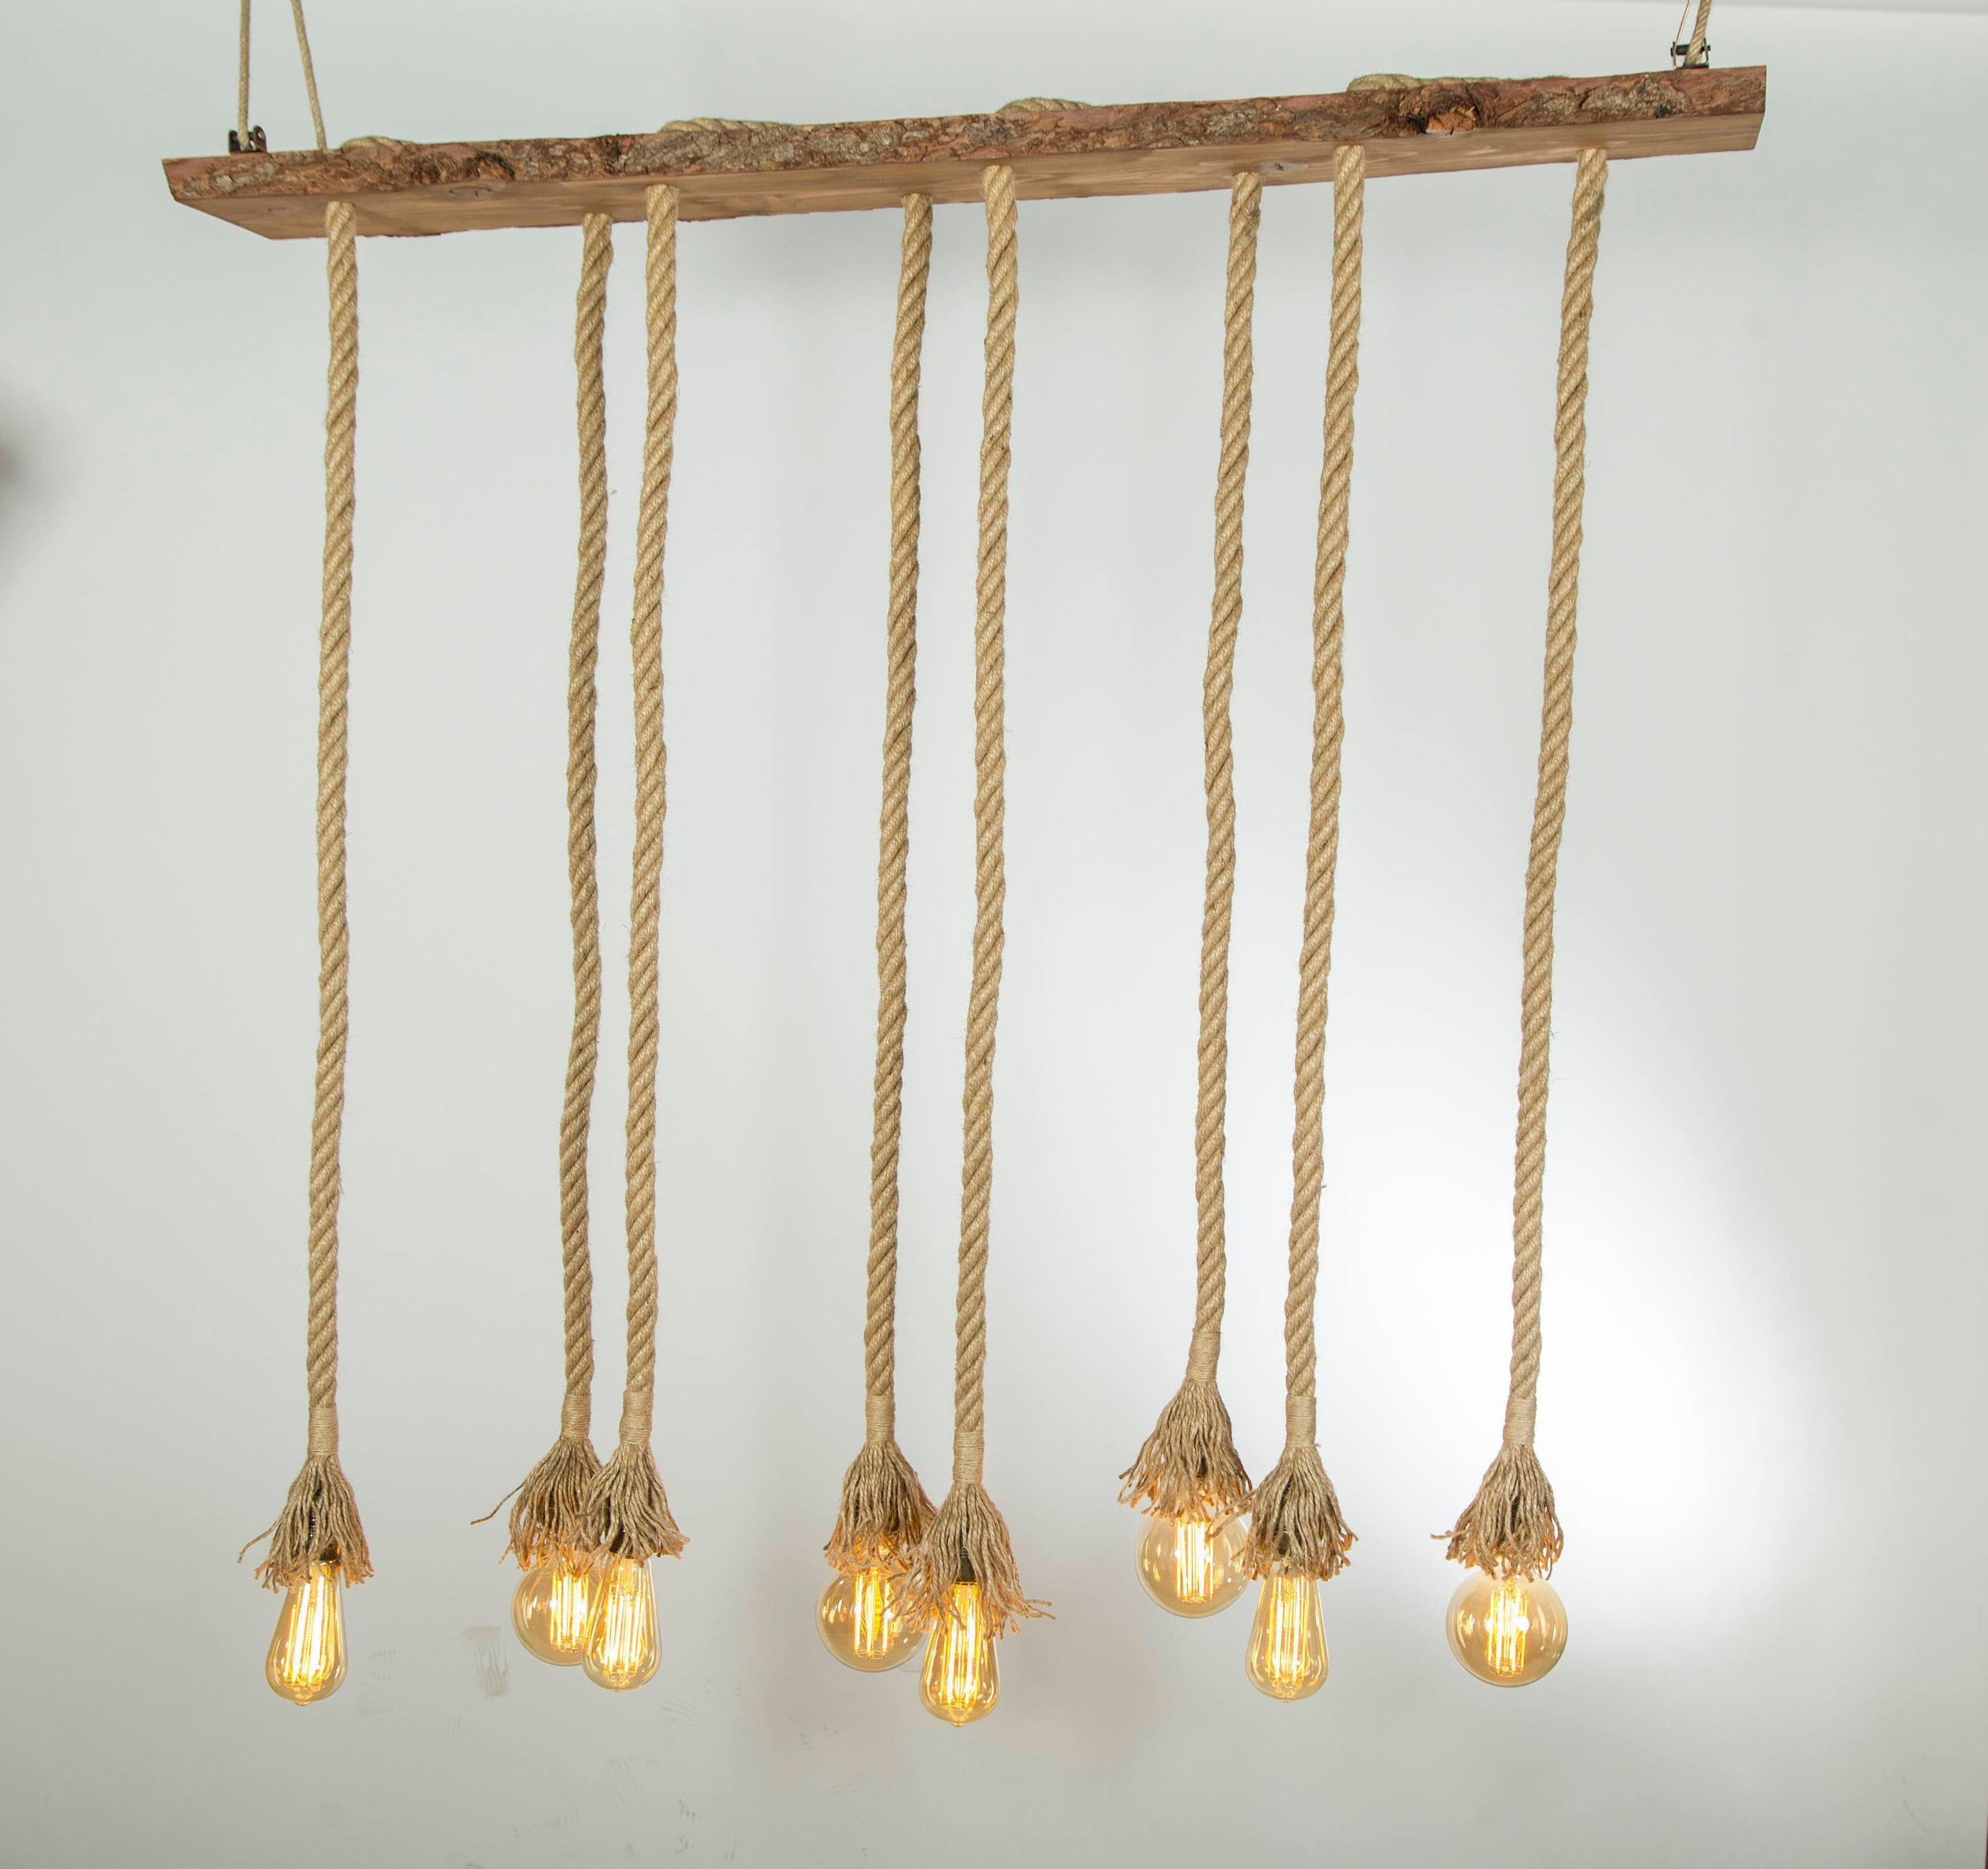 Rustikale Beleuchtung Pendelleuchte Seil Seil Licht   Etsy